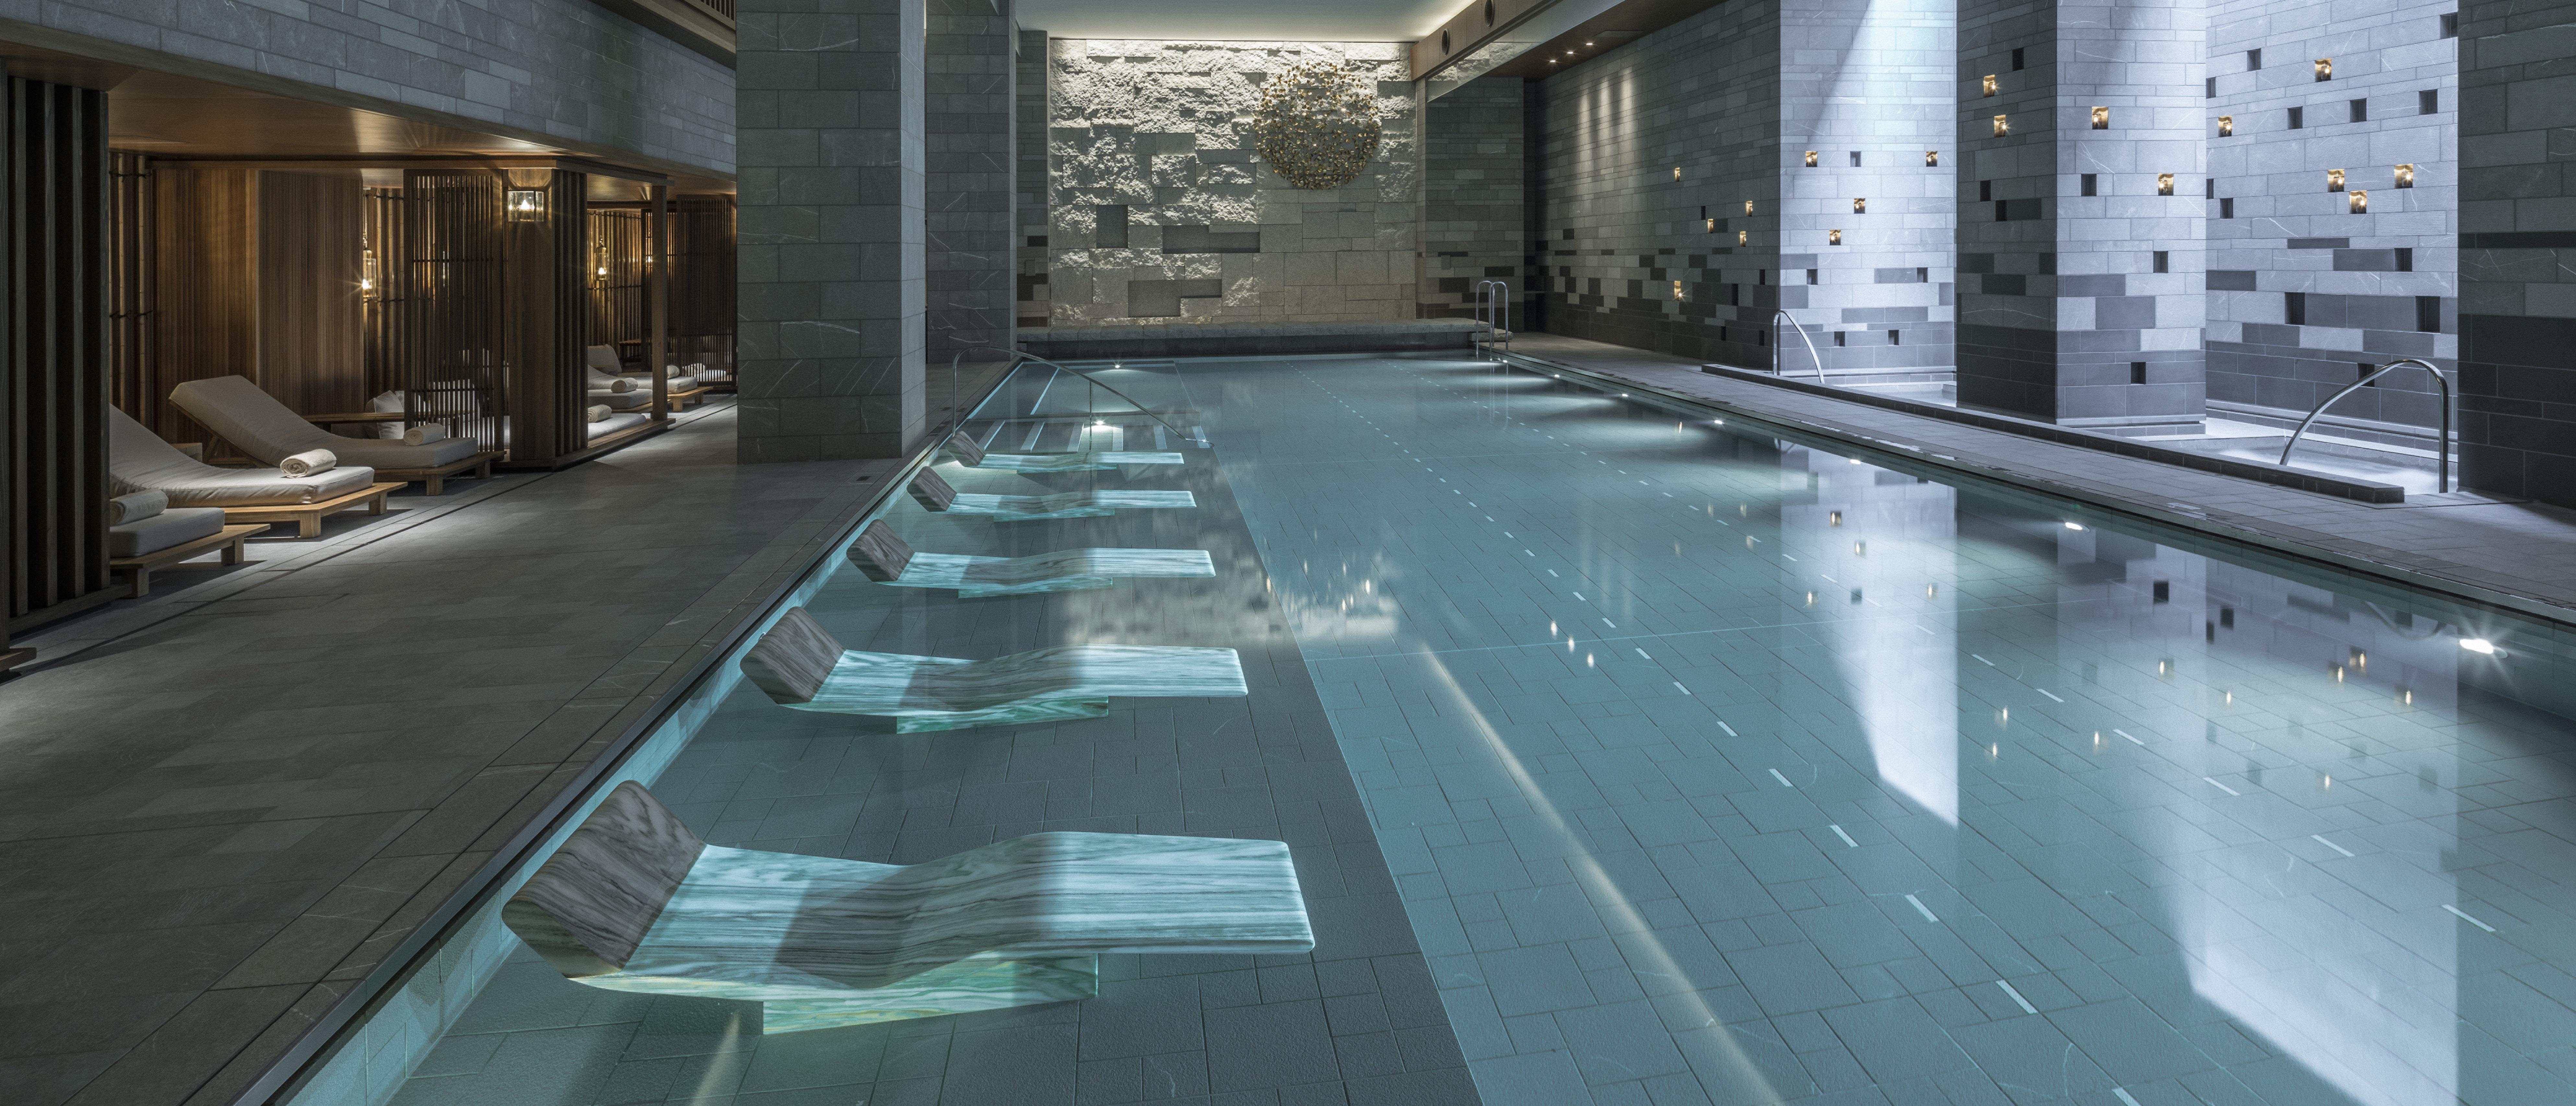 four-seasons-kyoto-spa-pool